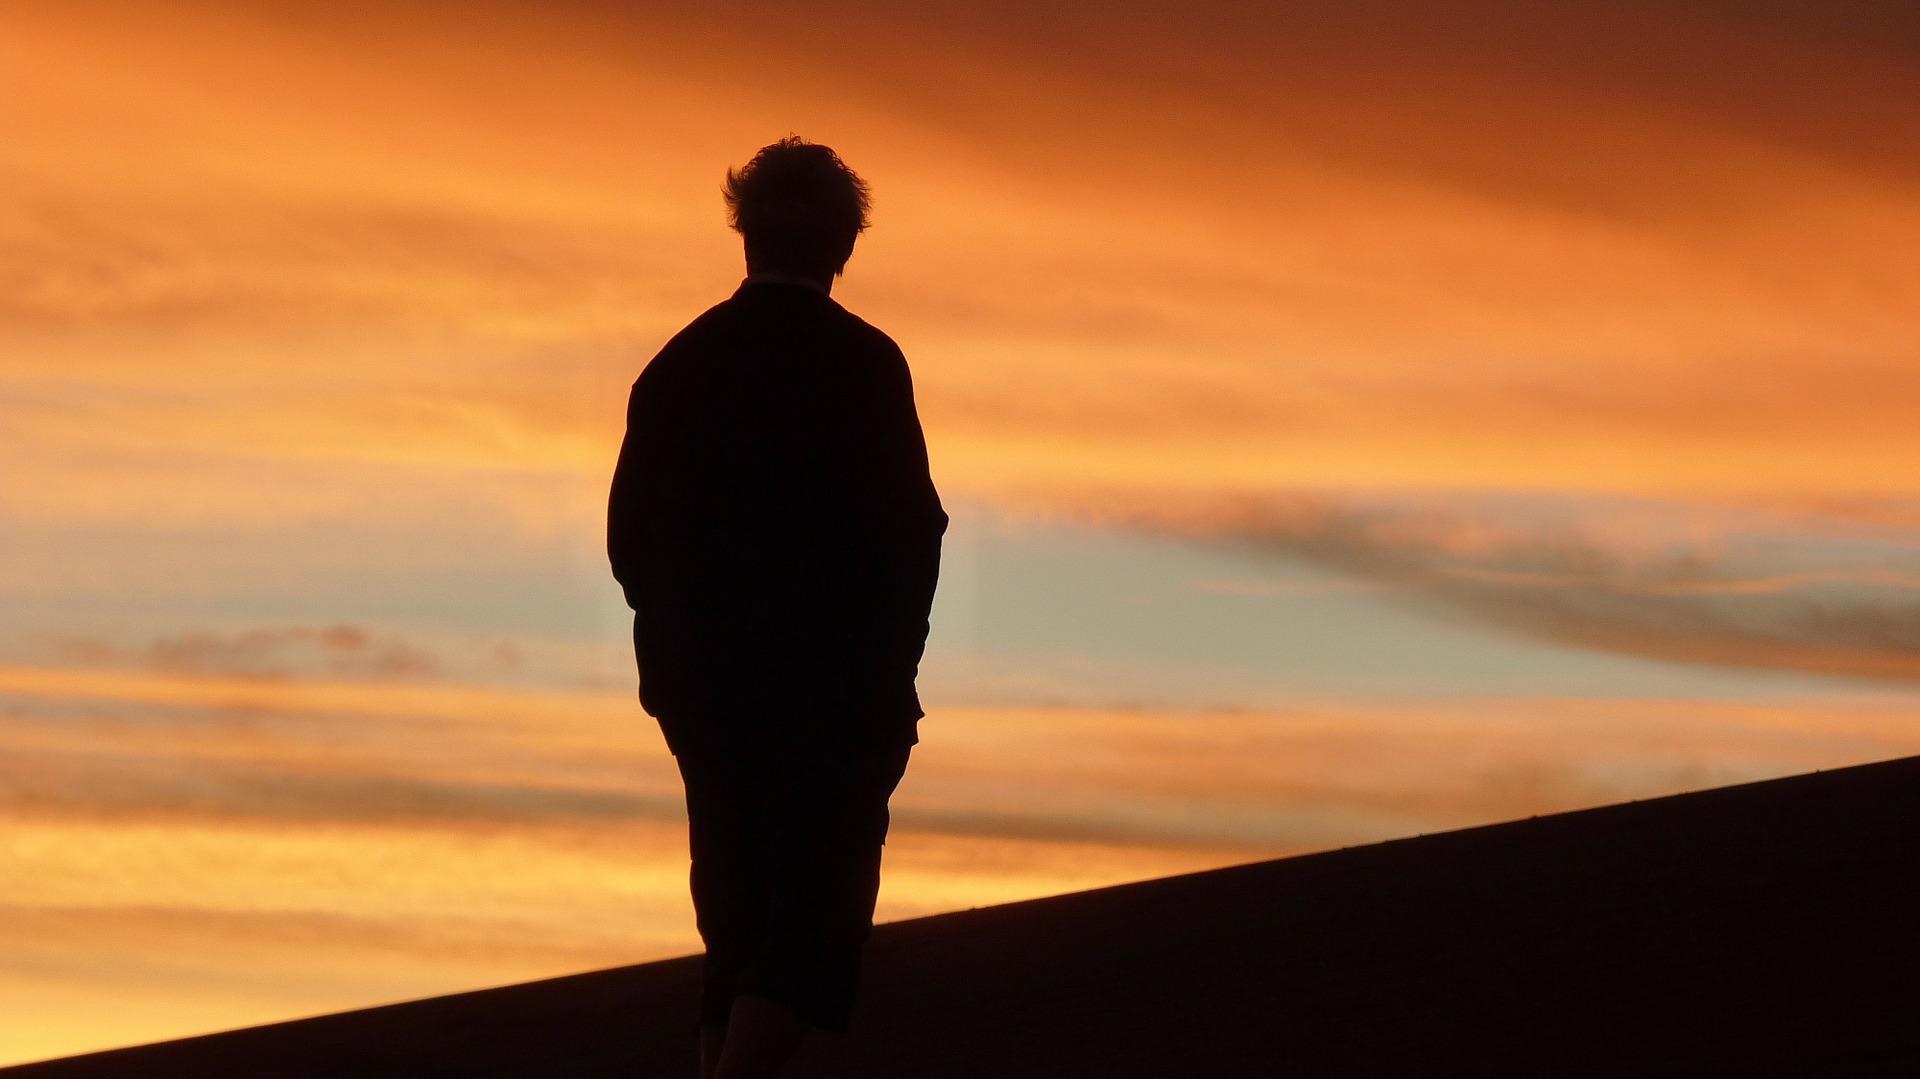 мужчина уходящий в закат картинки